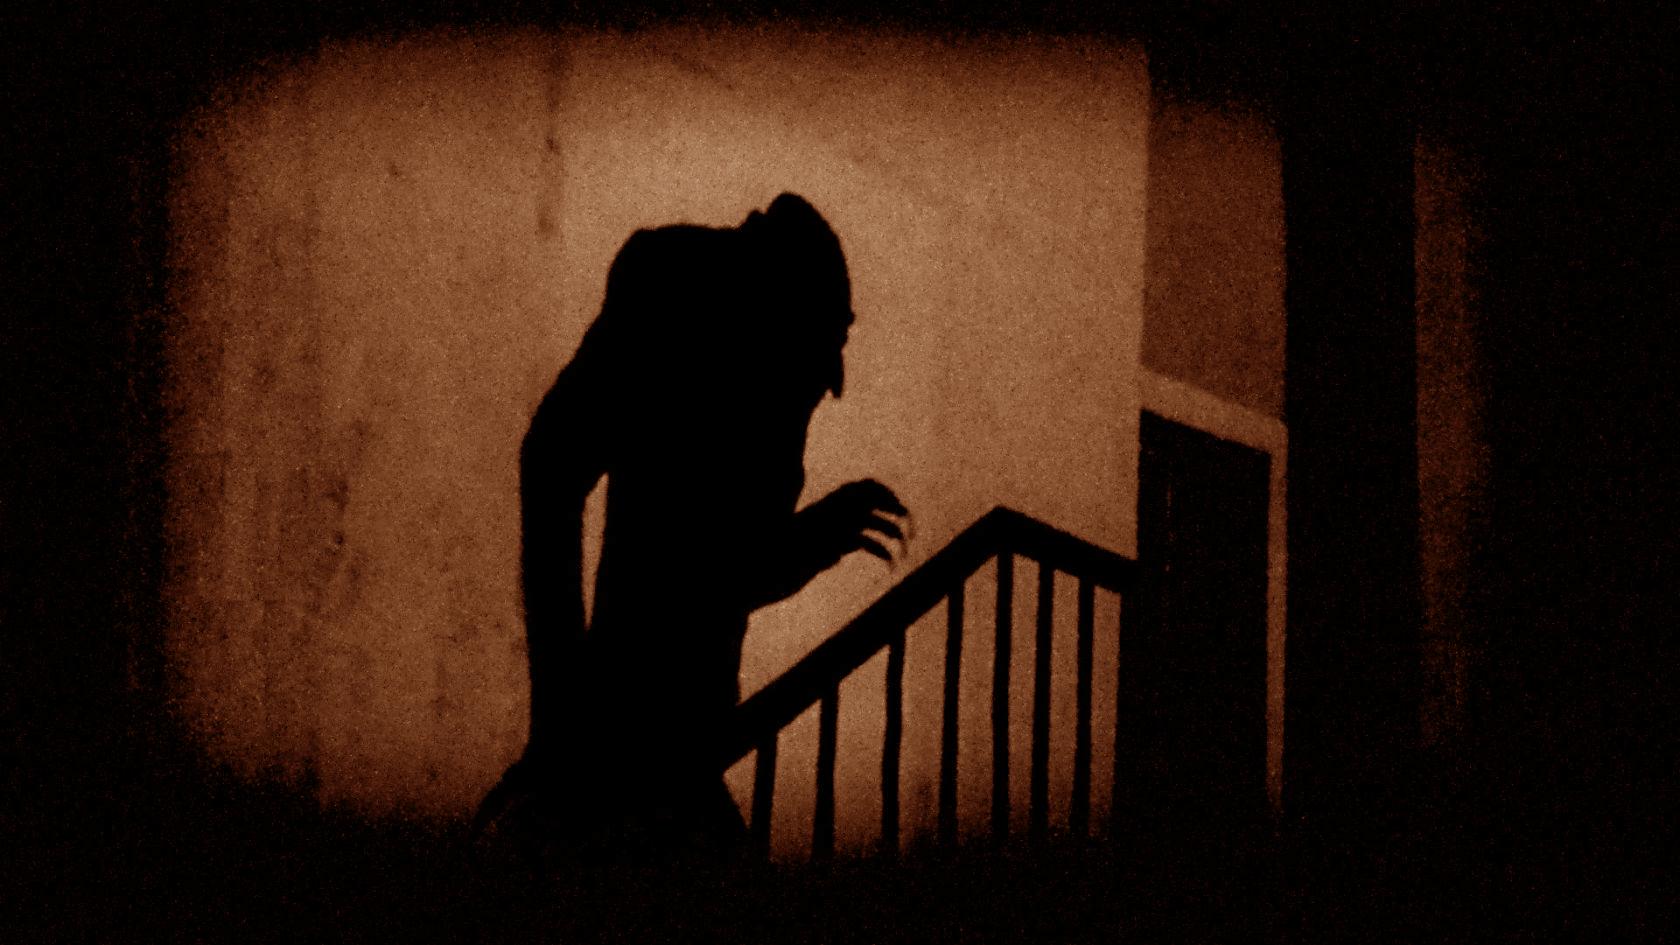 Vi bjuder på den klassiska Draculafilmen Nosferatu från 1922